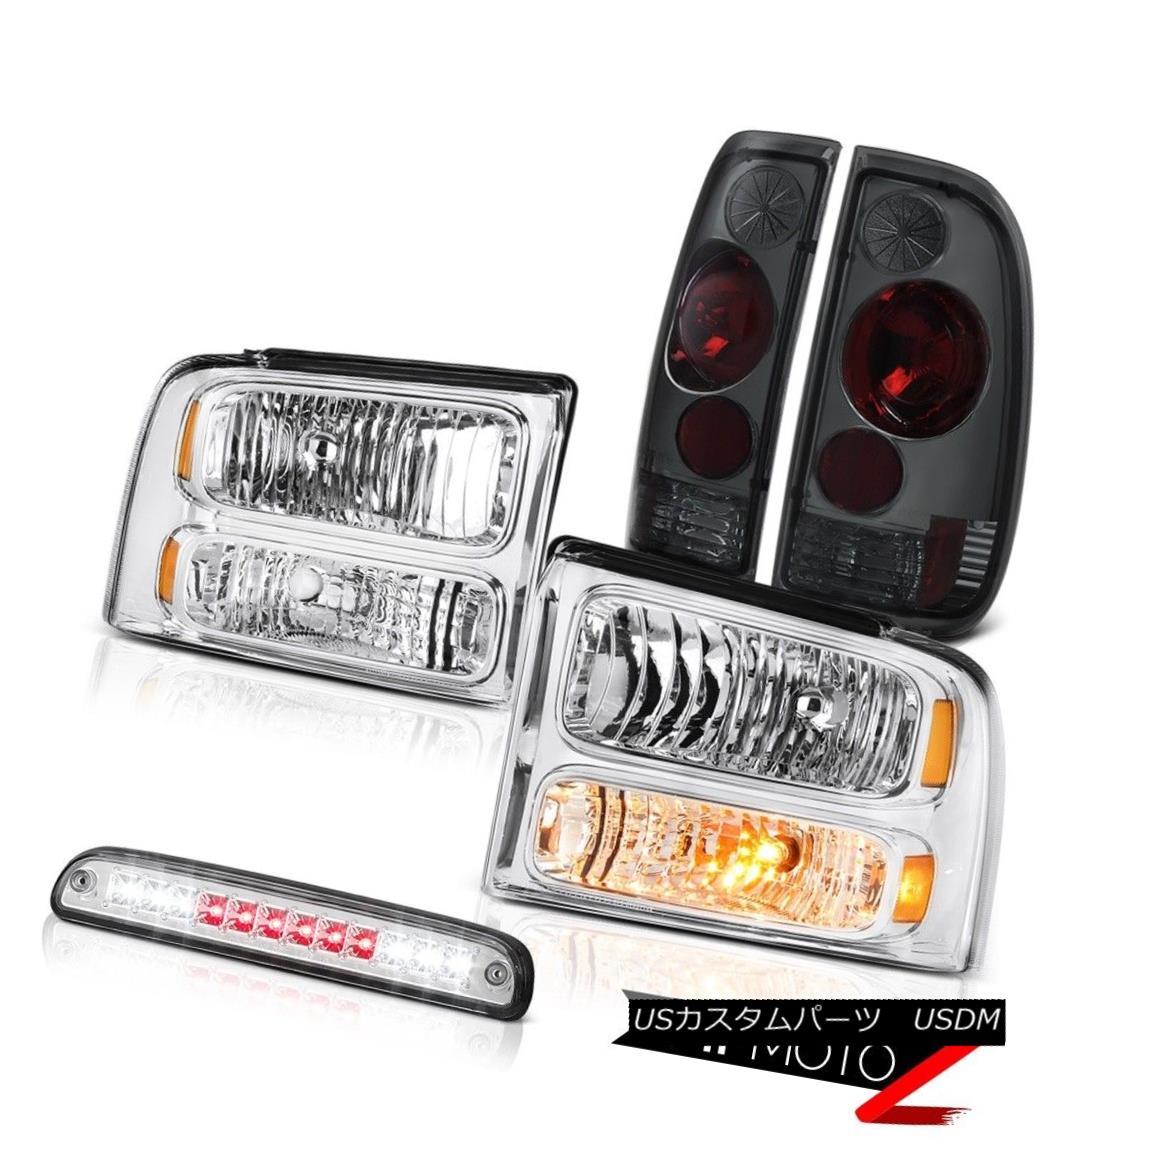 テールライト 05 06 07 F350 5.4L Left Right Headlights Tinted Brake Tail Lights High Cargo LED 05 06 07 F350 5.4L左のライトヘッドライト着色されたブレーキテールライトHigh Cargo LED